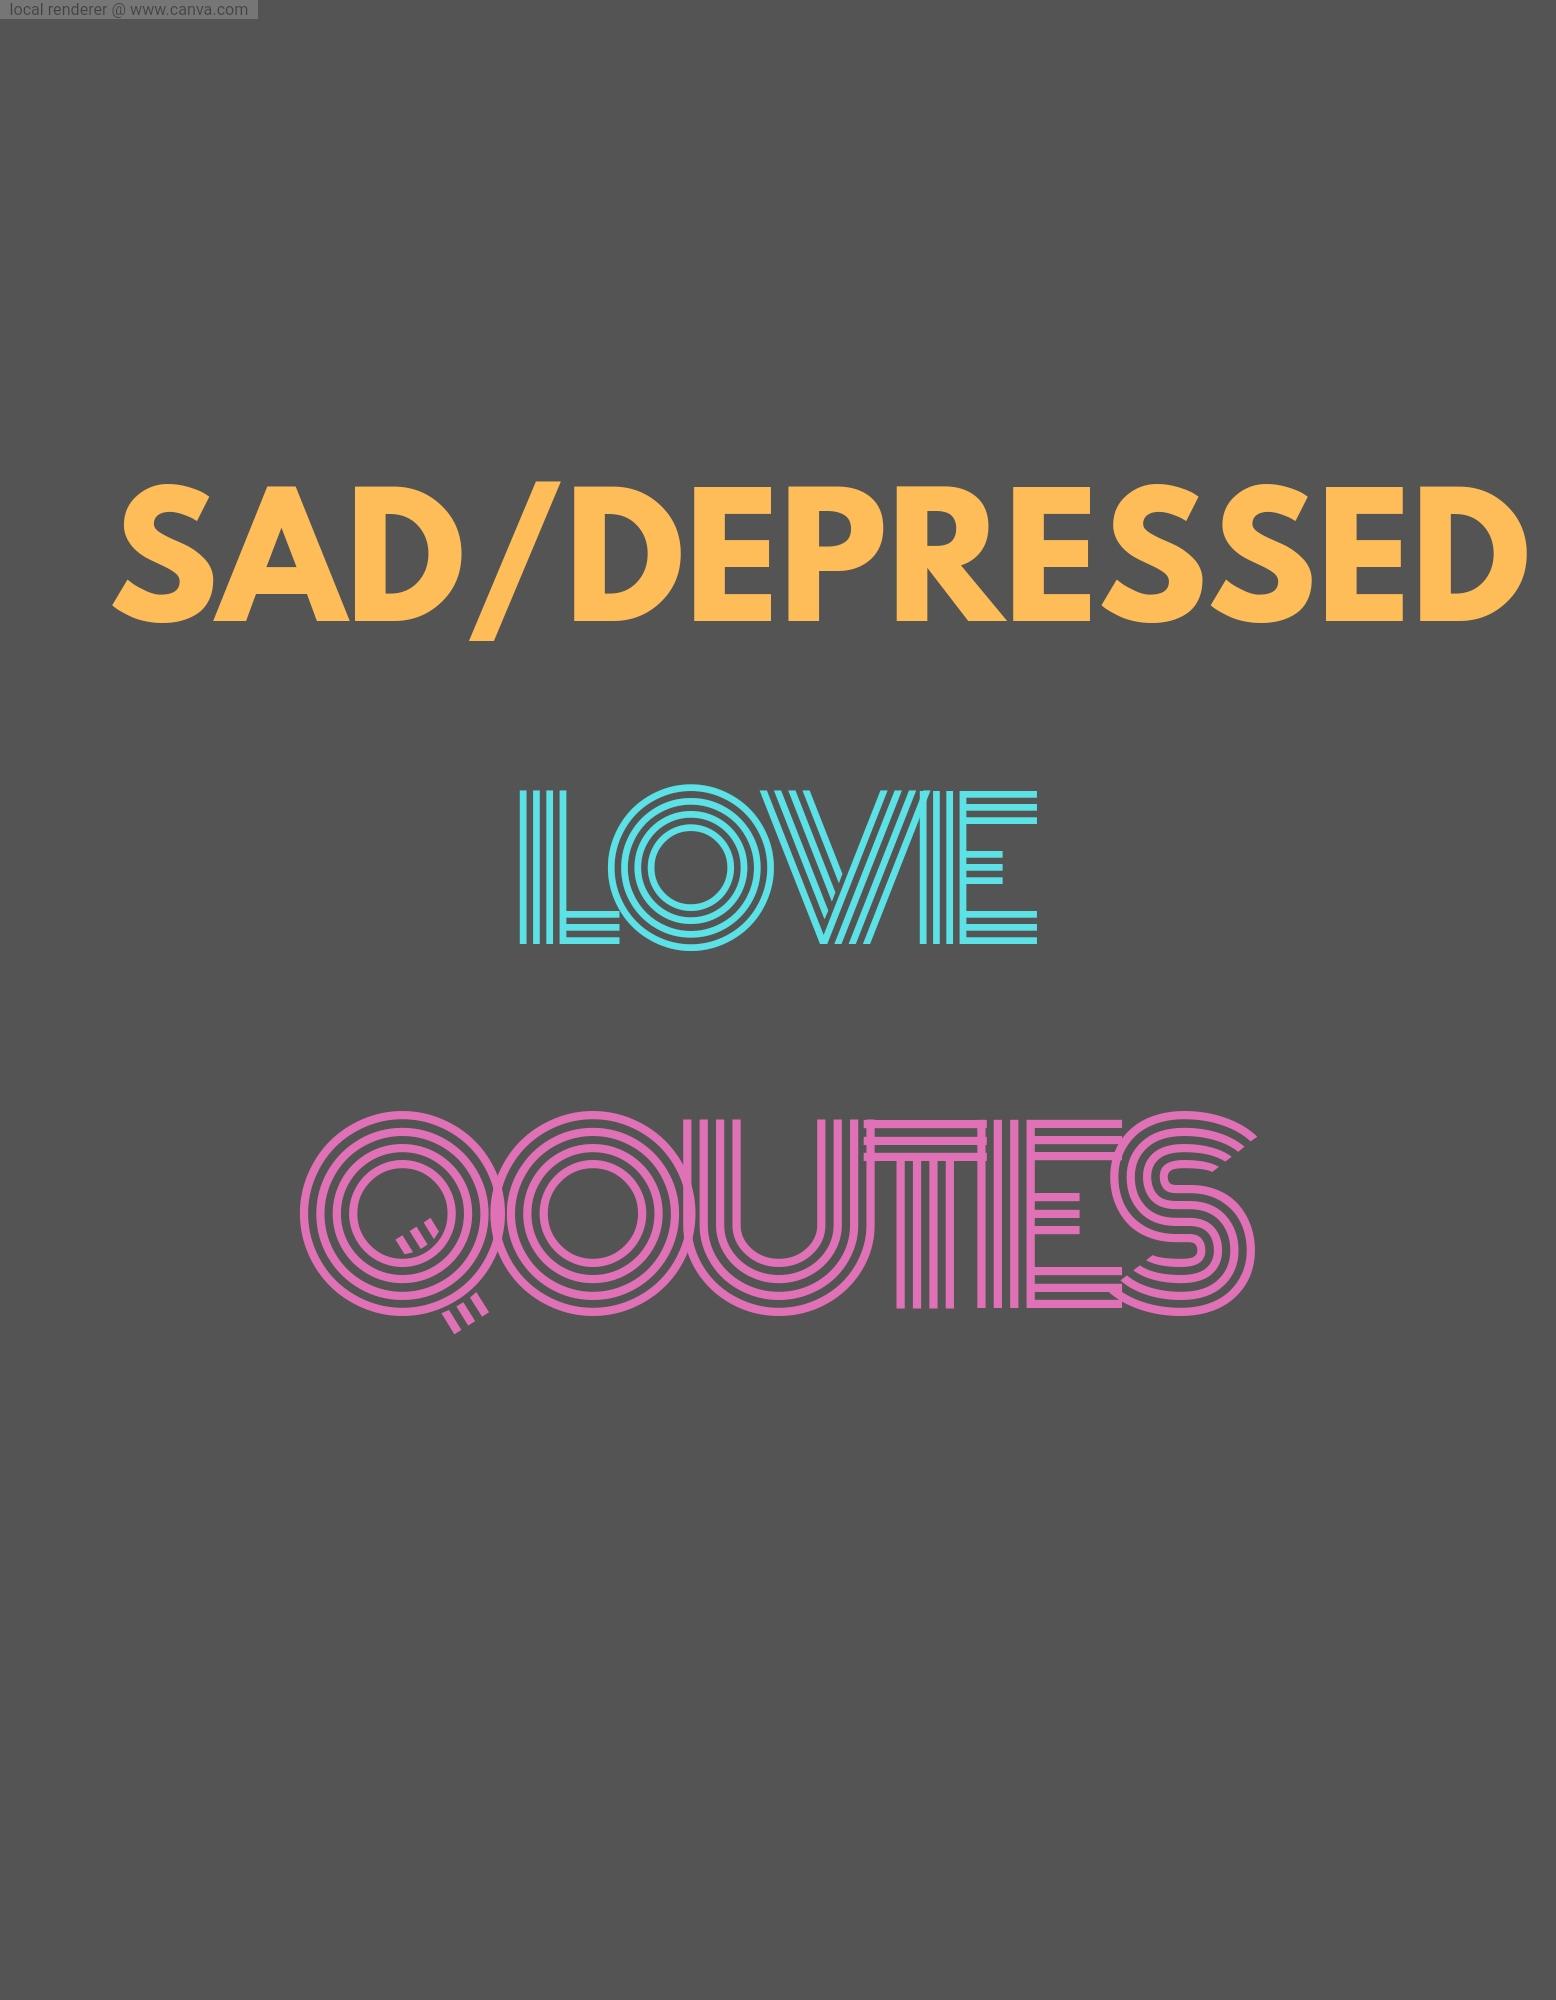 sad love quotes, love quotes, depressed quotes